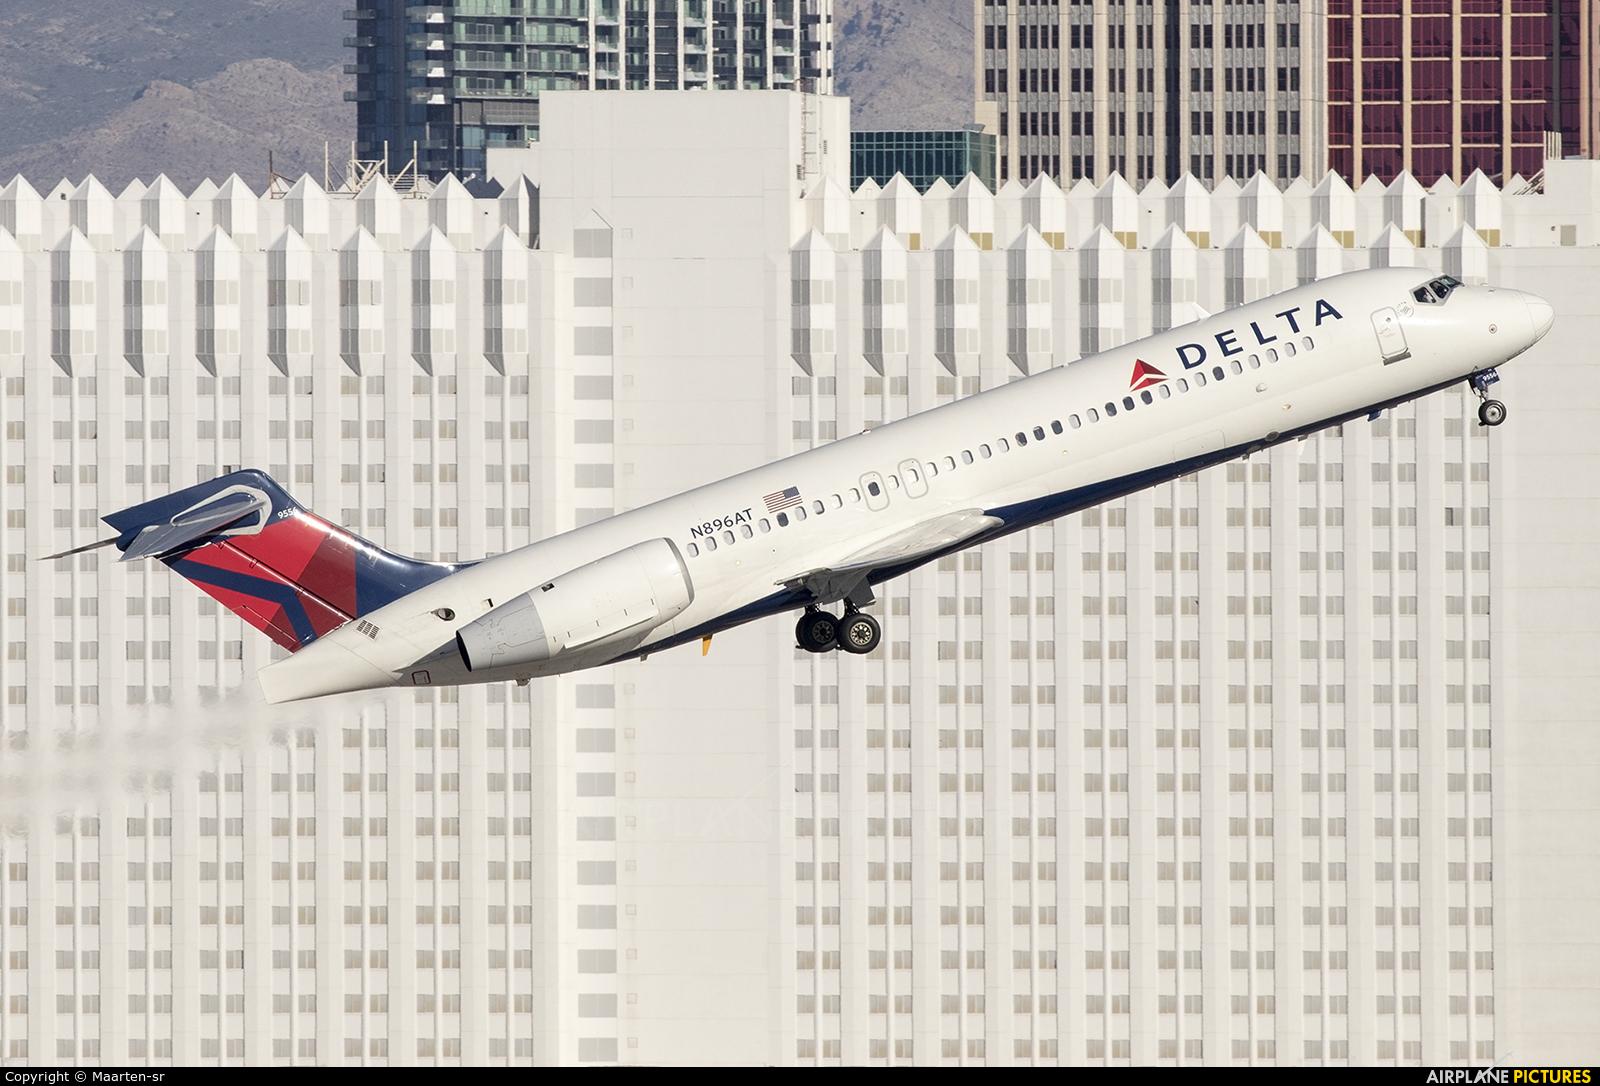 Delta Air Lines N896AT aircraft at Las Vegas - McCarran Intl